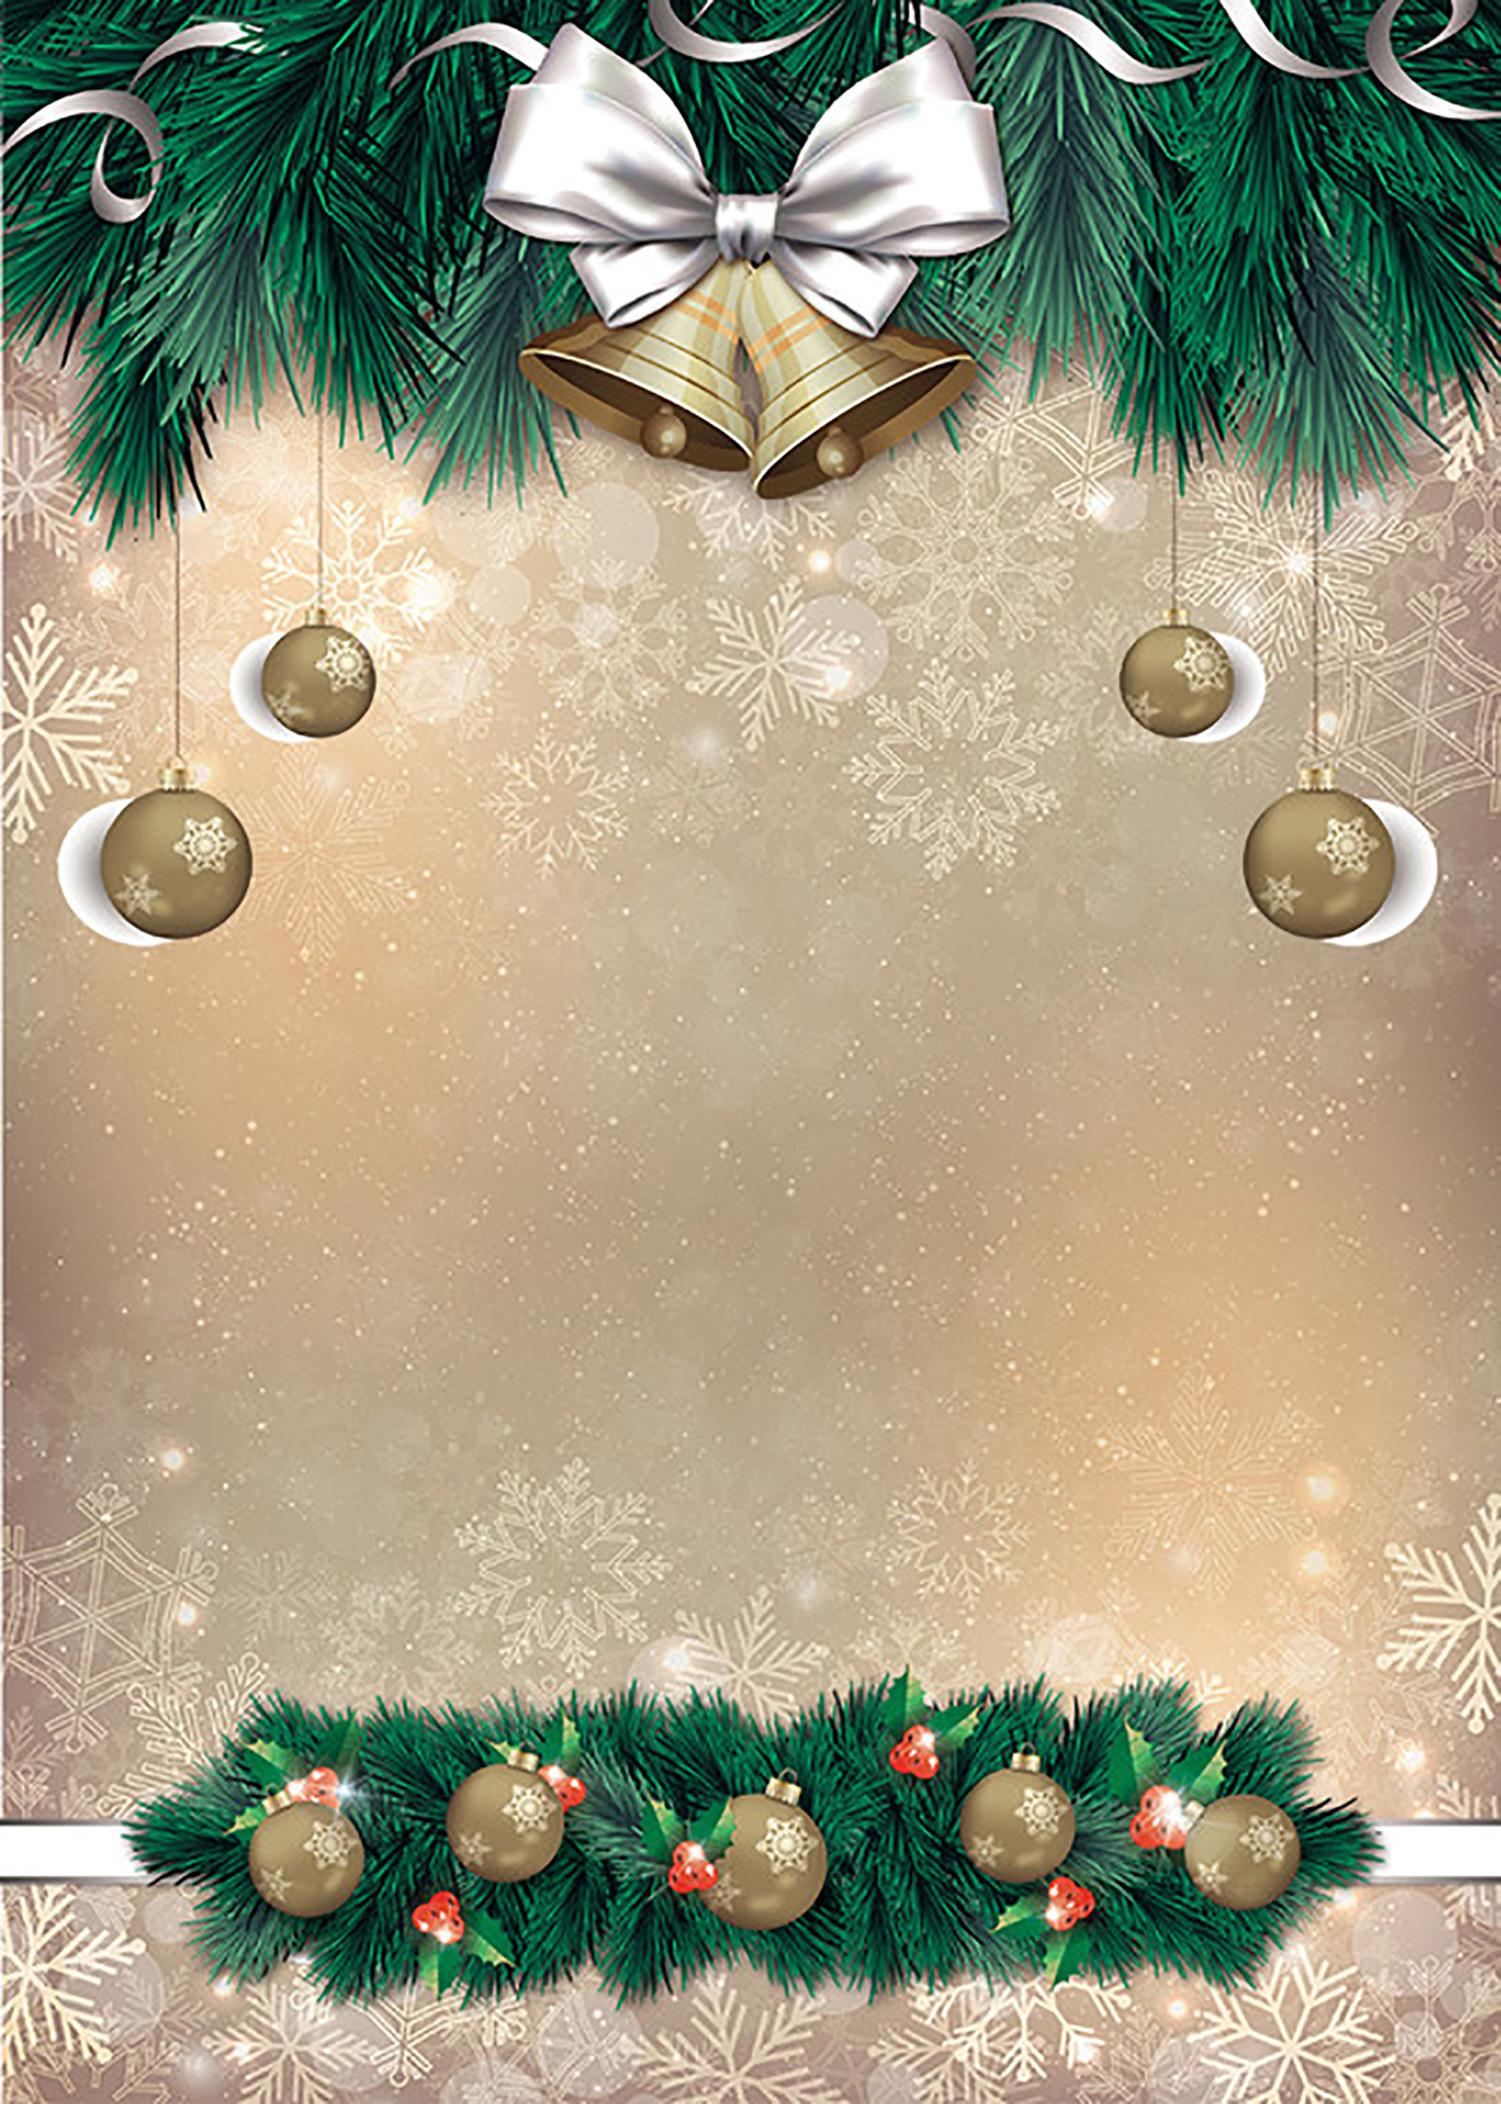 открытки подложки для новогоднего меню 2019 цвета